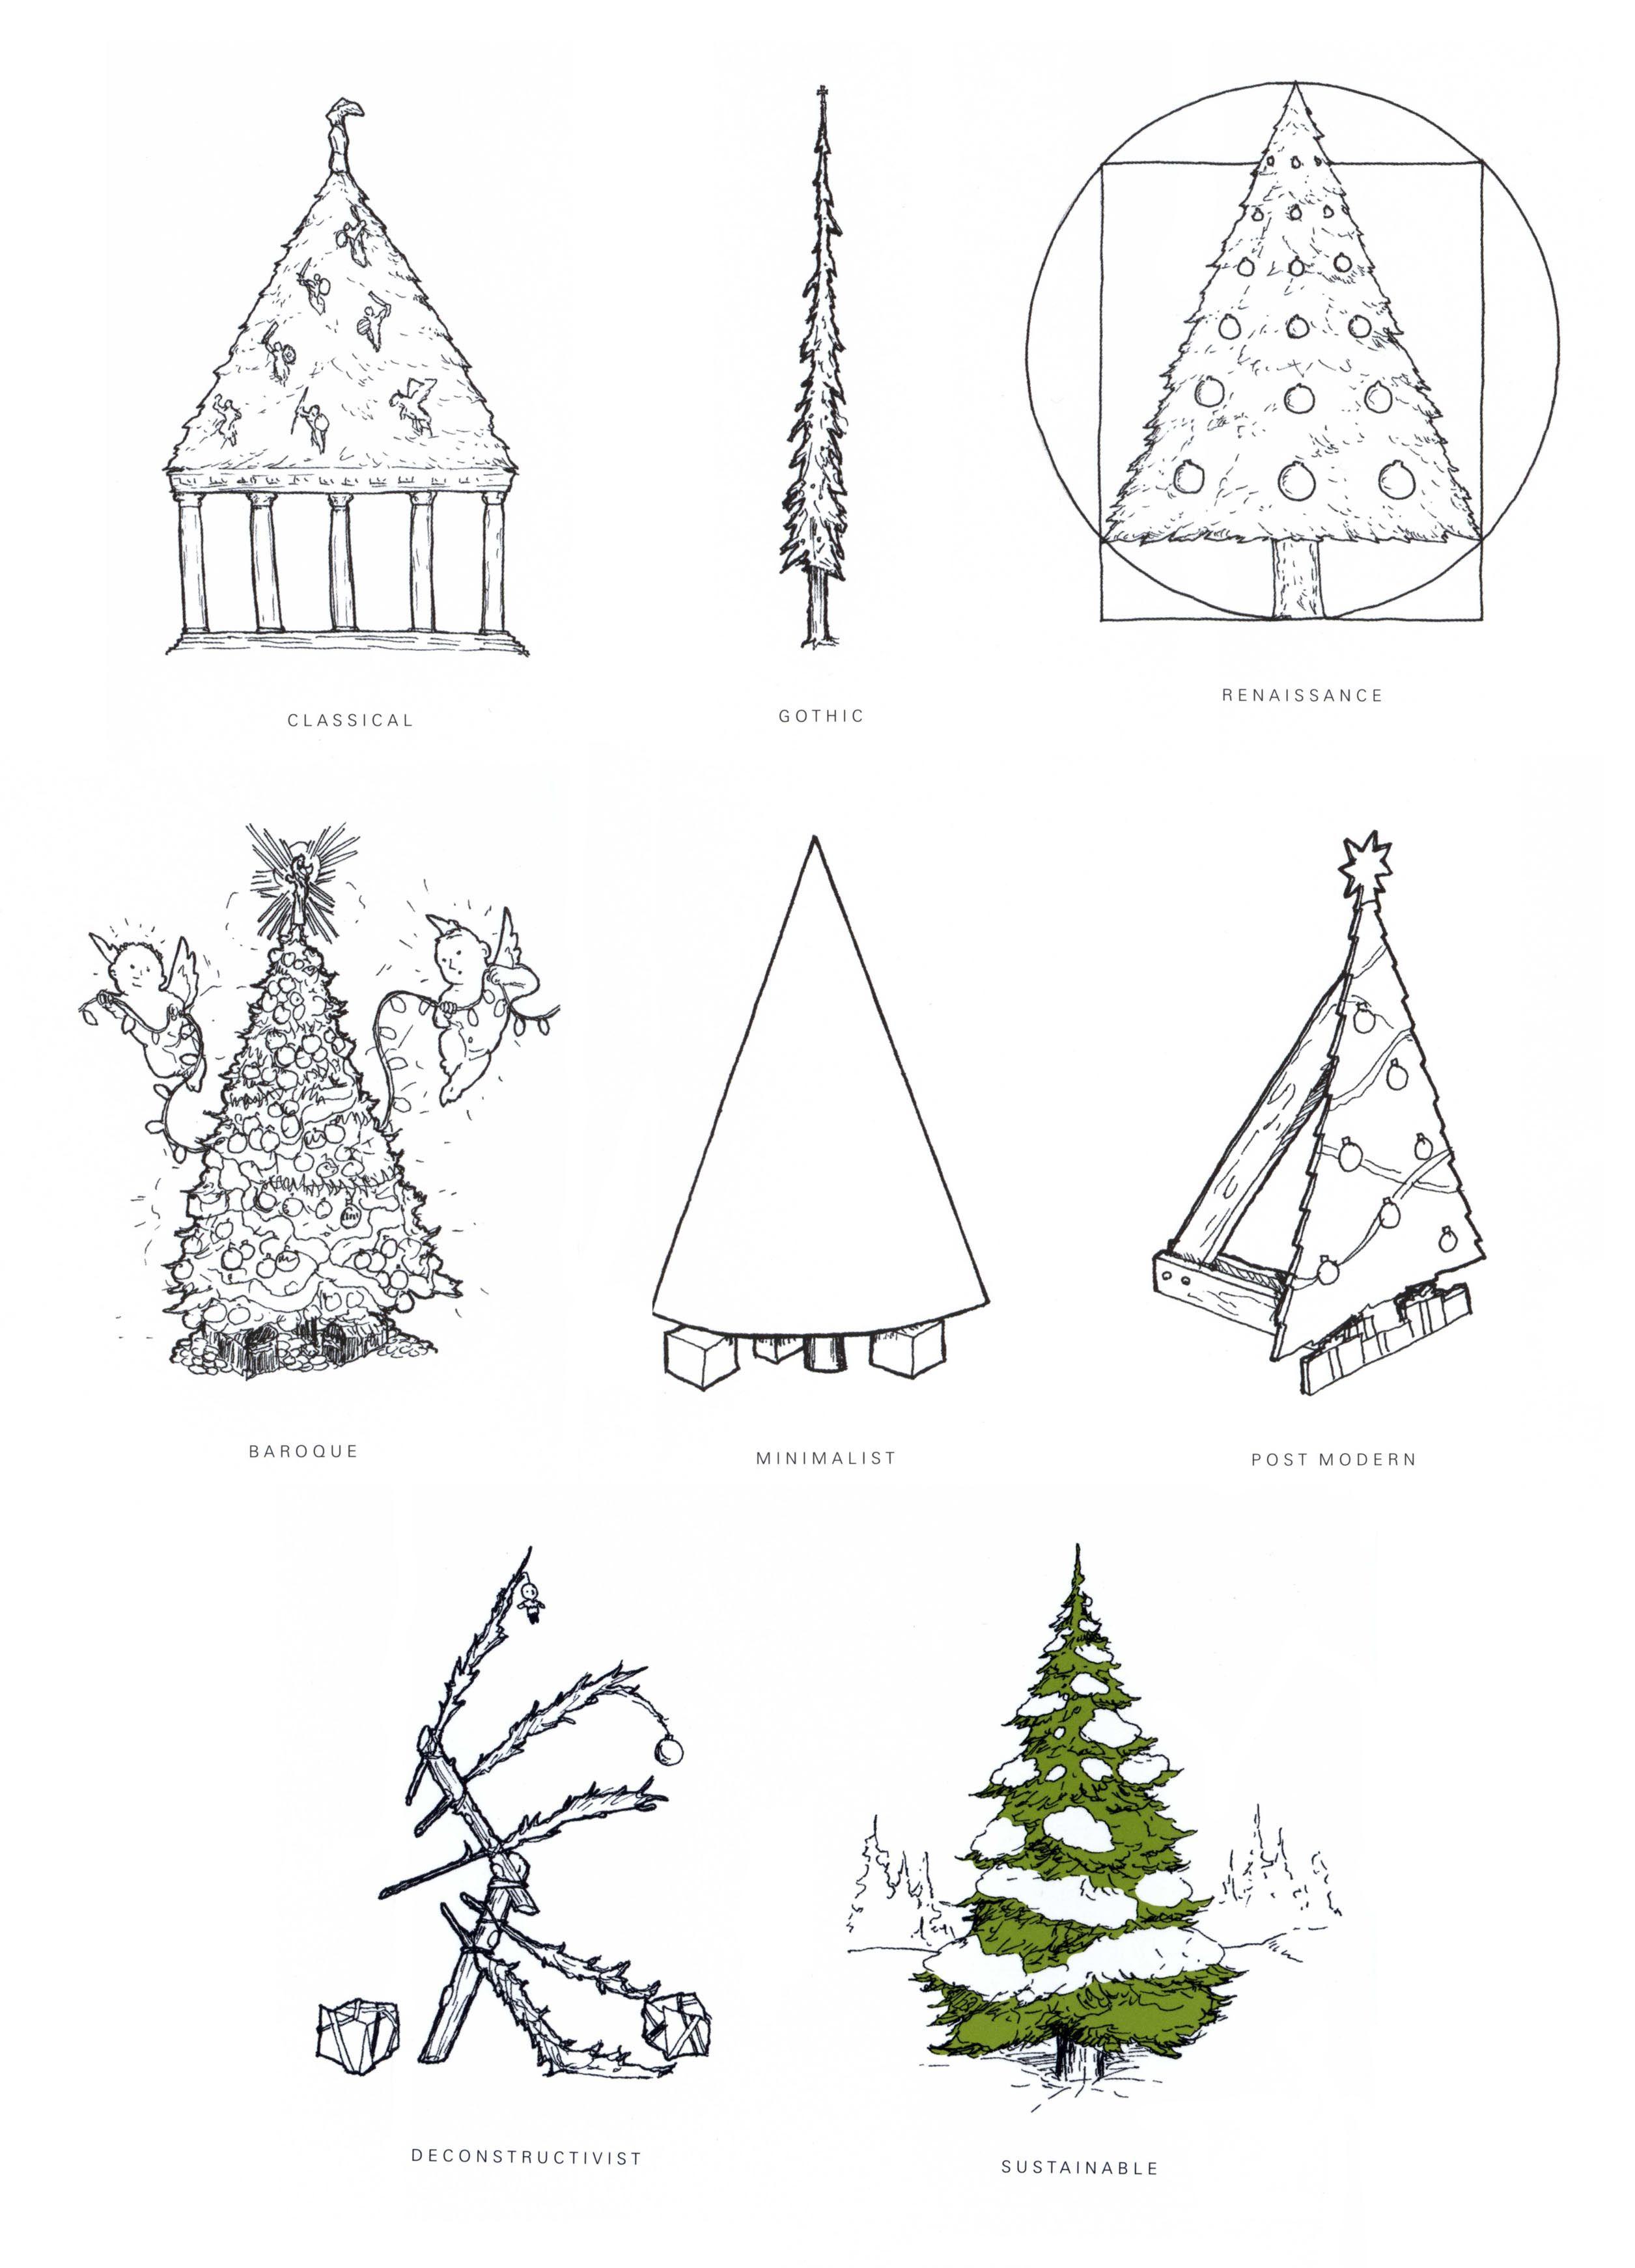 Joyeux Noel Histoire Des Arts.Architectural Christmas Trees Holidays Histoire De L Art